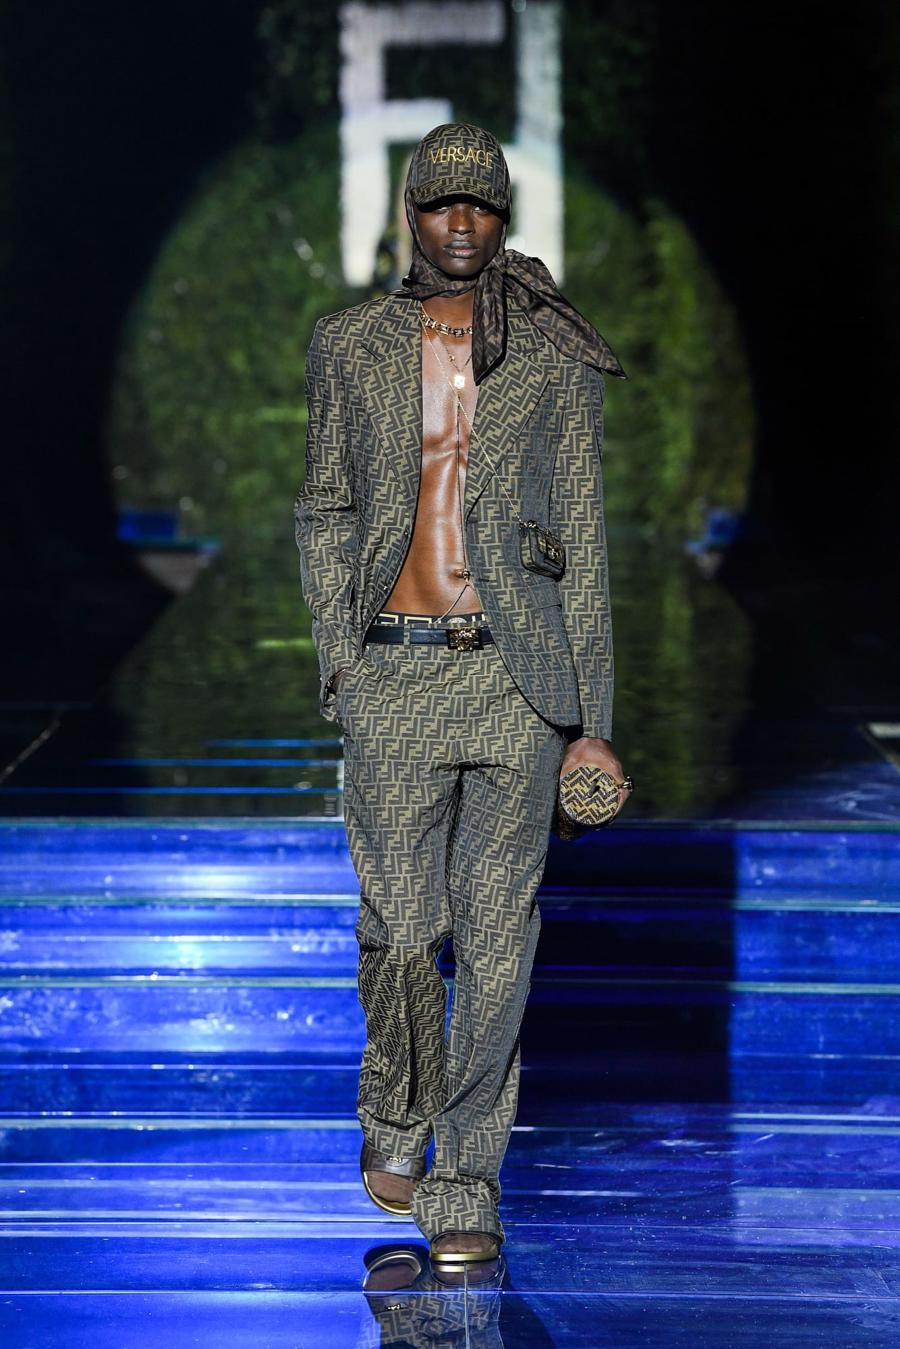 Màn bắt tay lịch sử của hai tập đoàn thời trang xa xỉ đẳng cấp thế giới - Ảnh 15